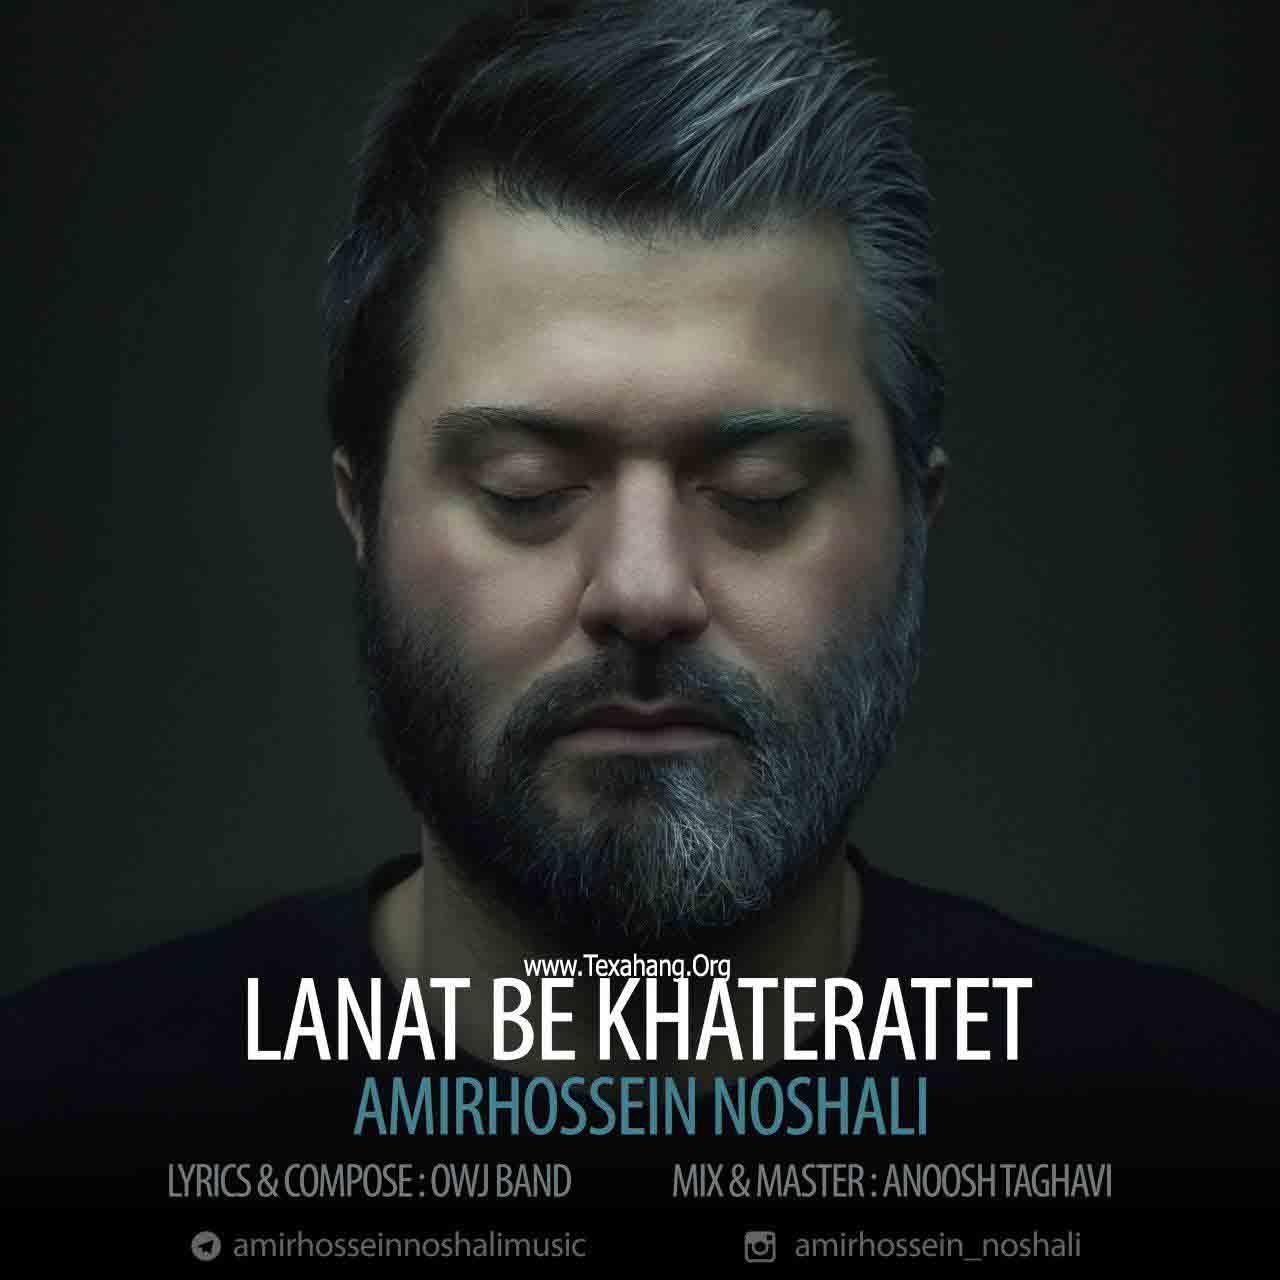 متن آهنگ جدید لعنت به خاطرات از امیرحسین نوشالی